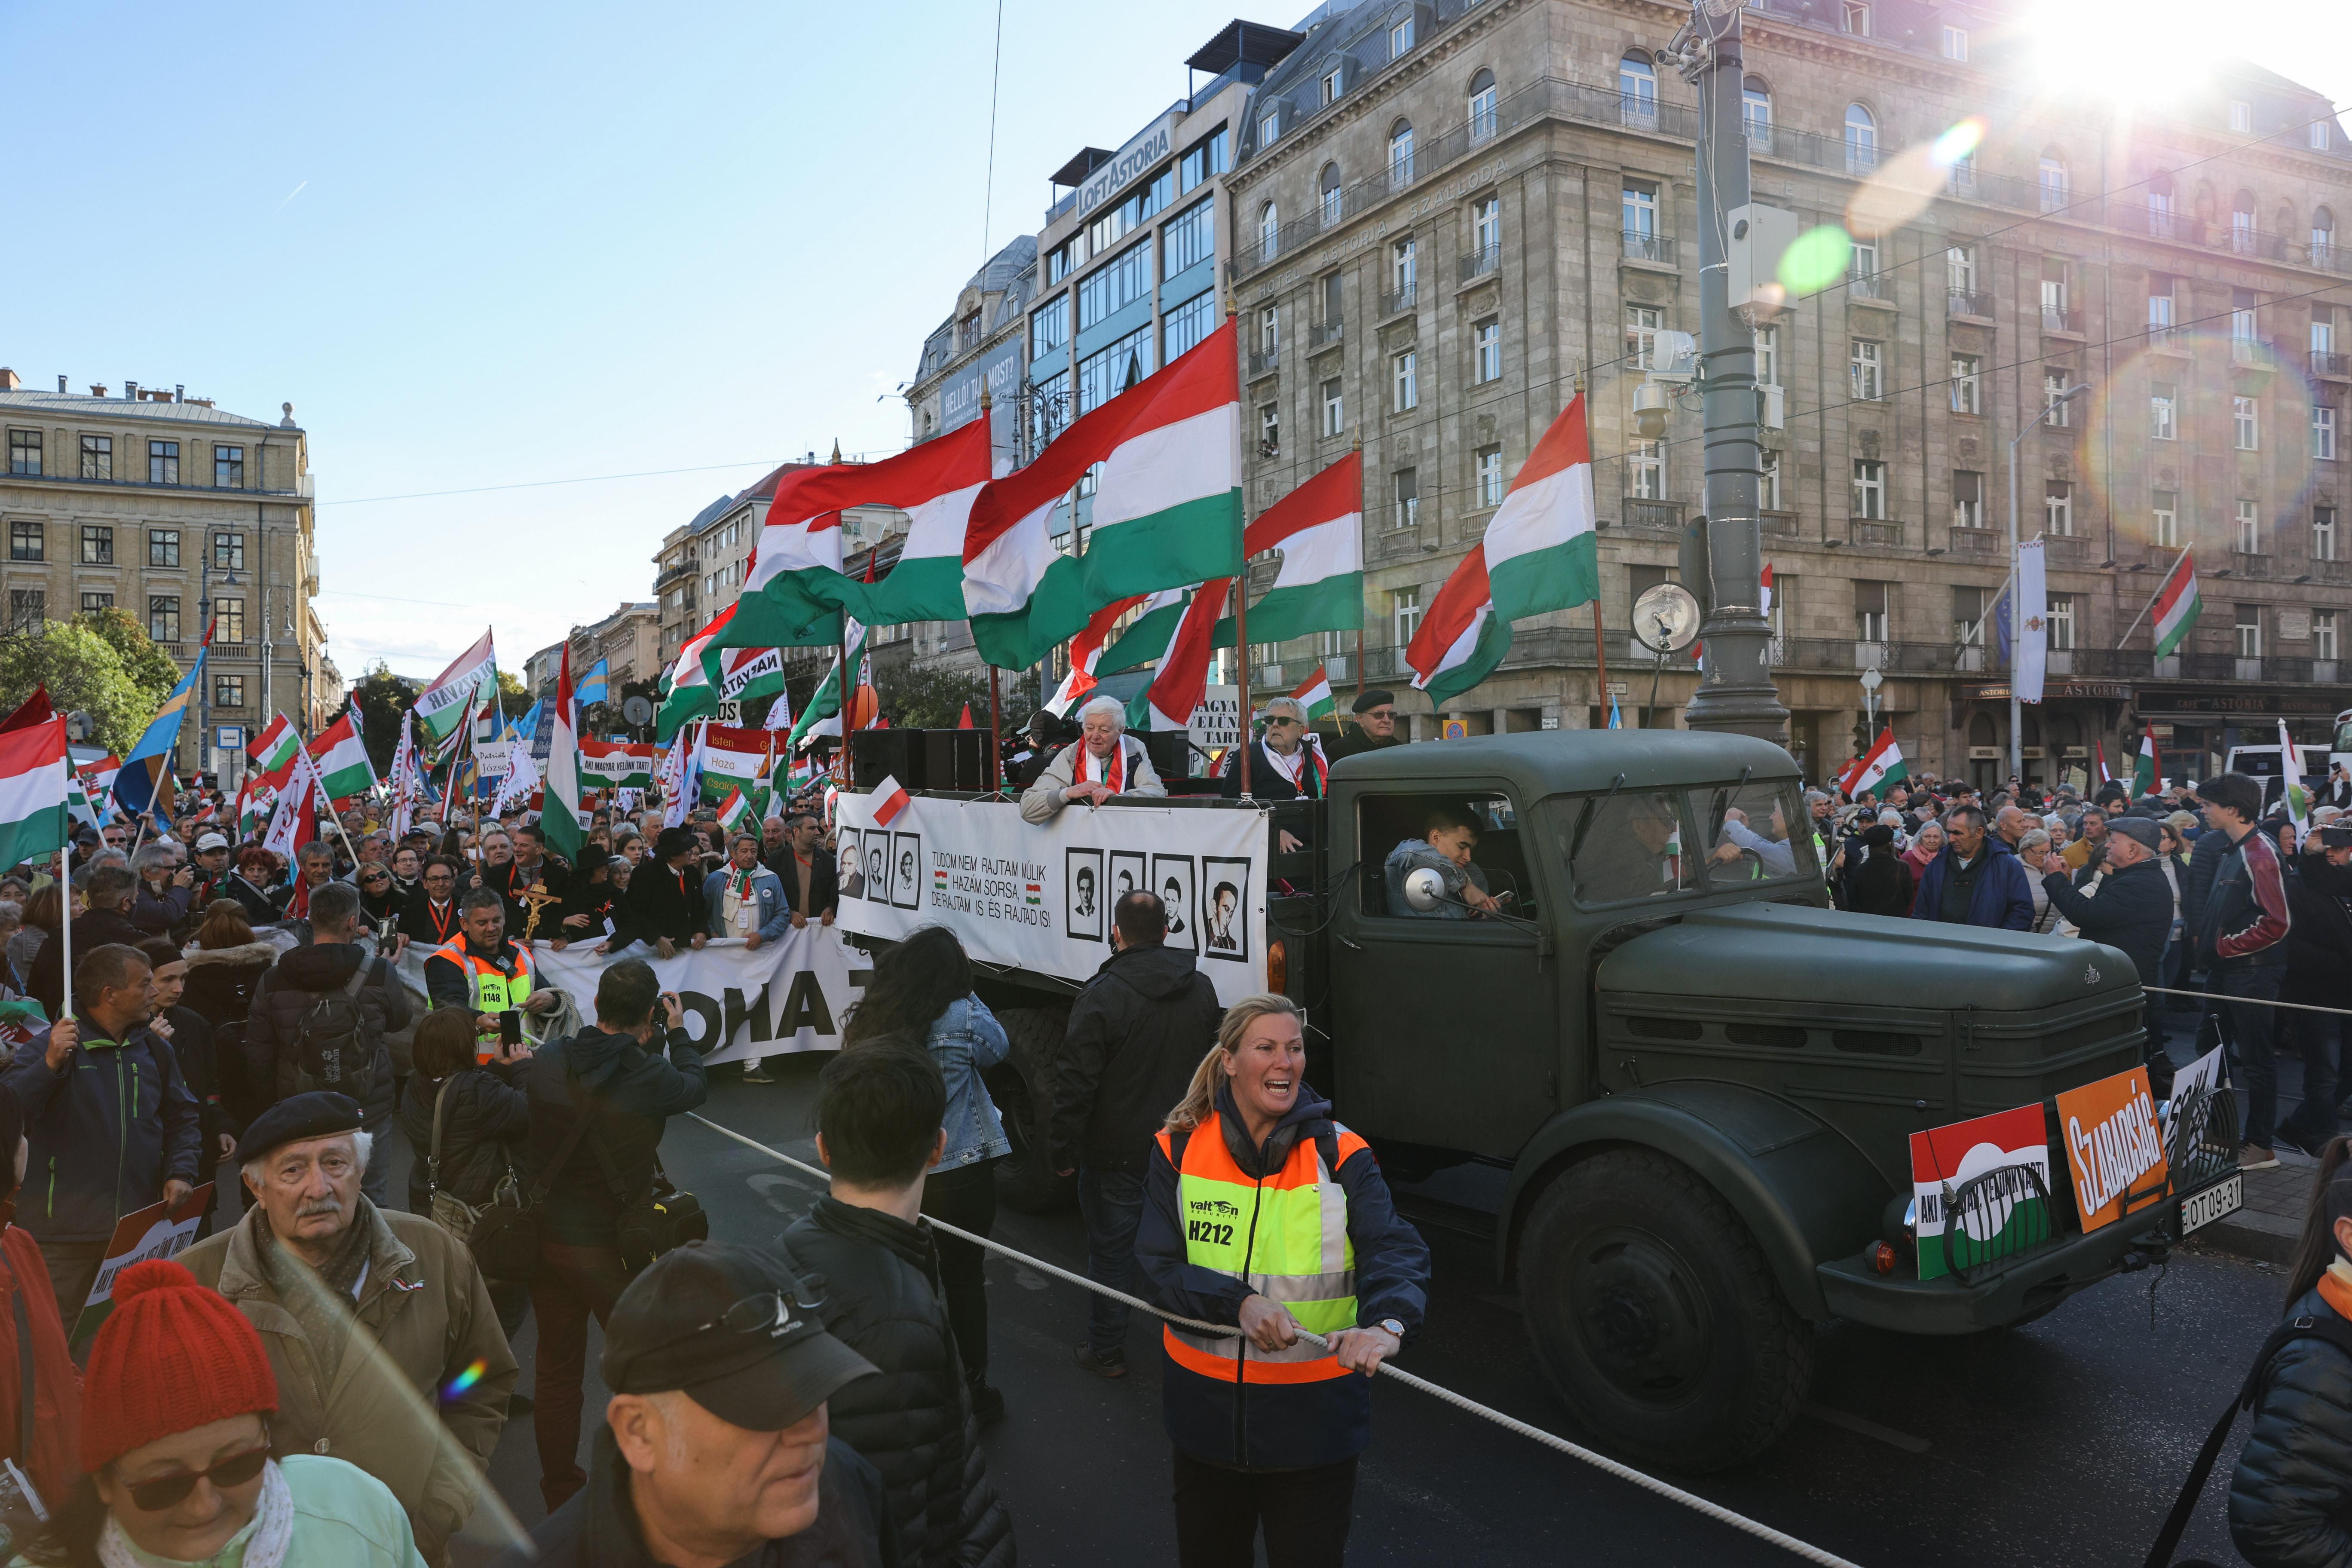 Így érkezik a hatalmas tömeg az Erzsébet térre - képek